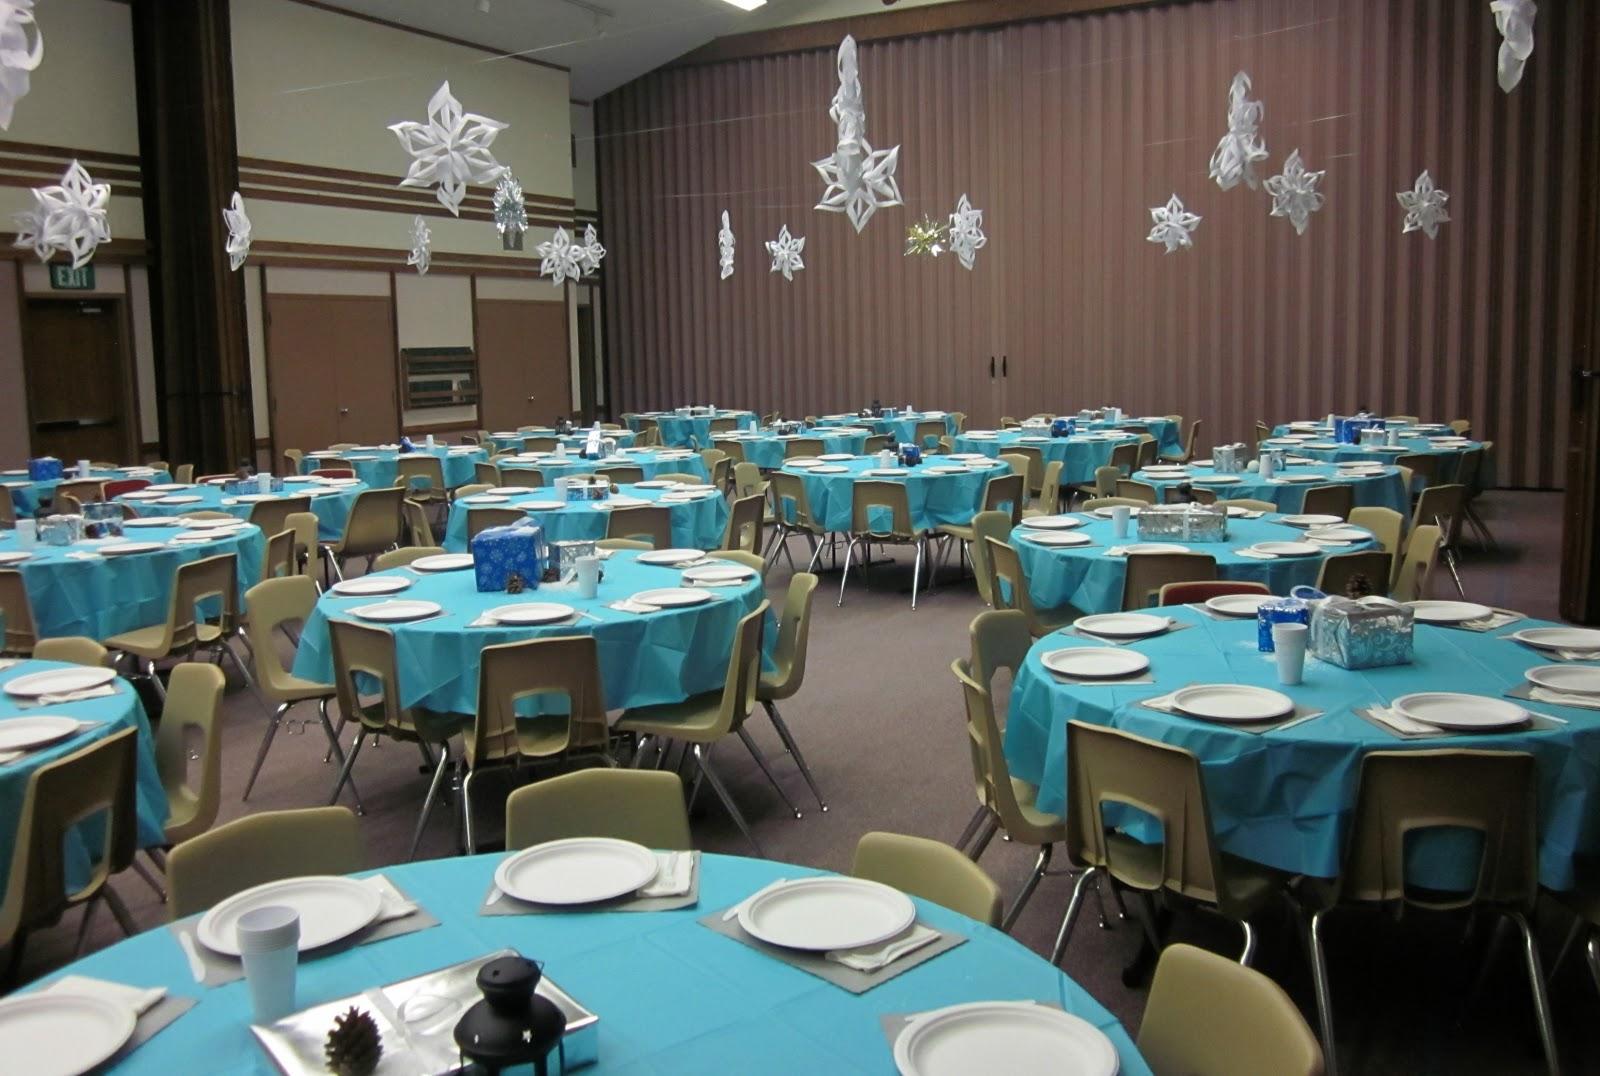 Our Polar Express Church Christmas Party